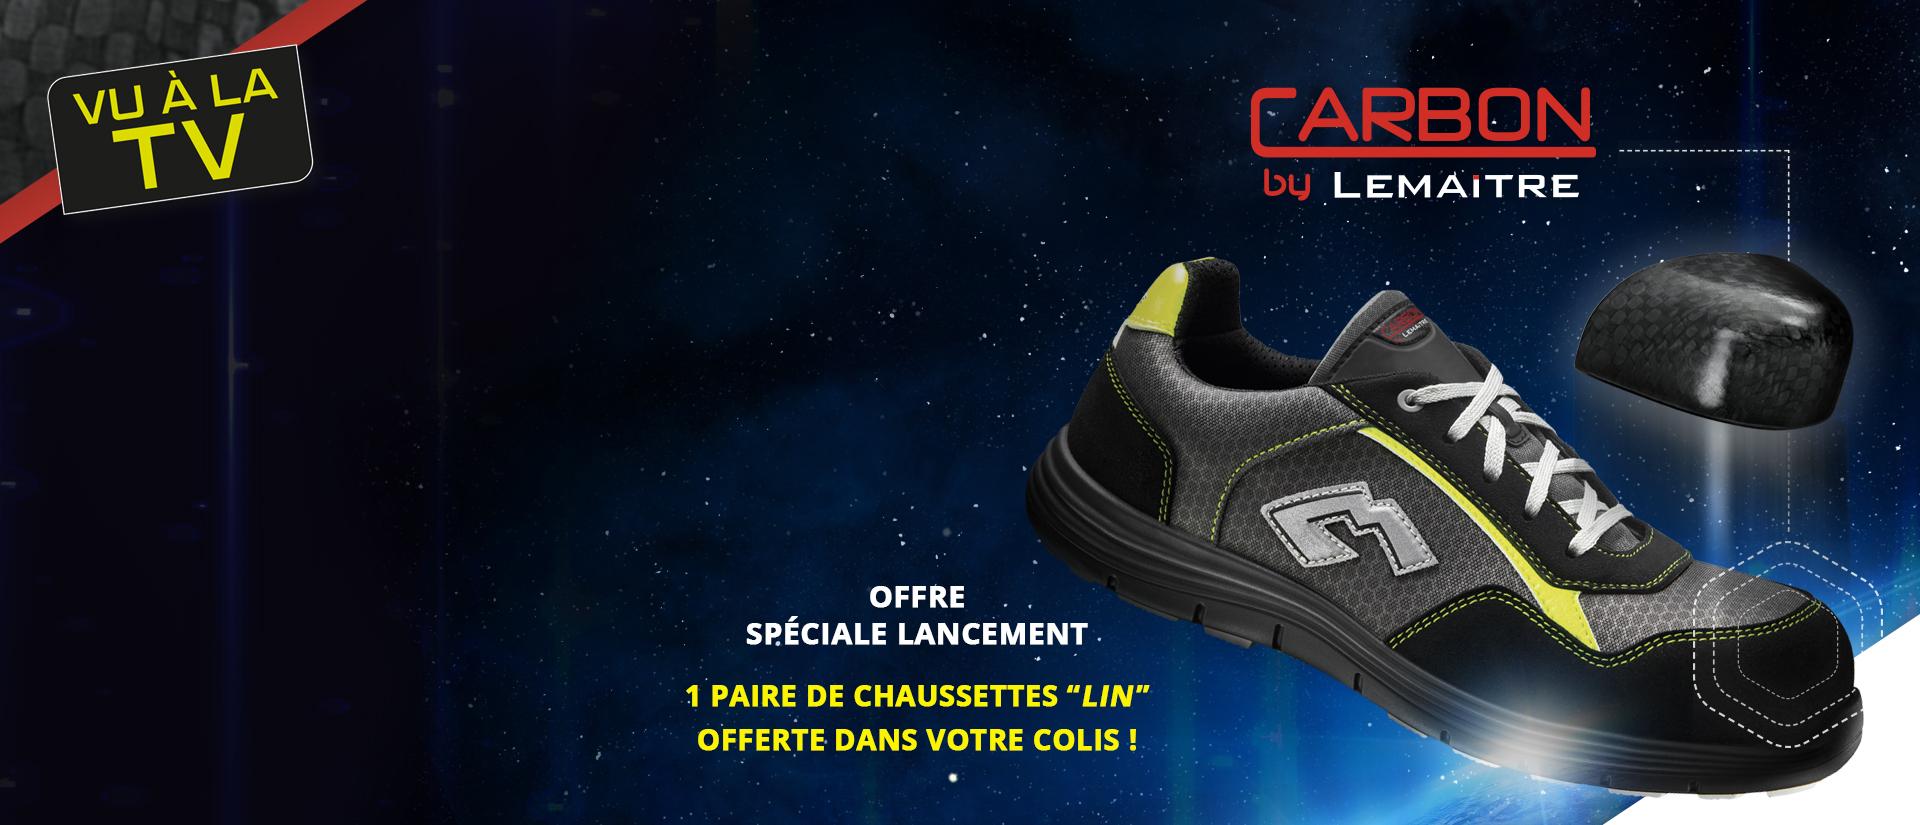 Carbon by Lemaitre